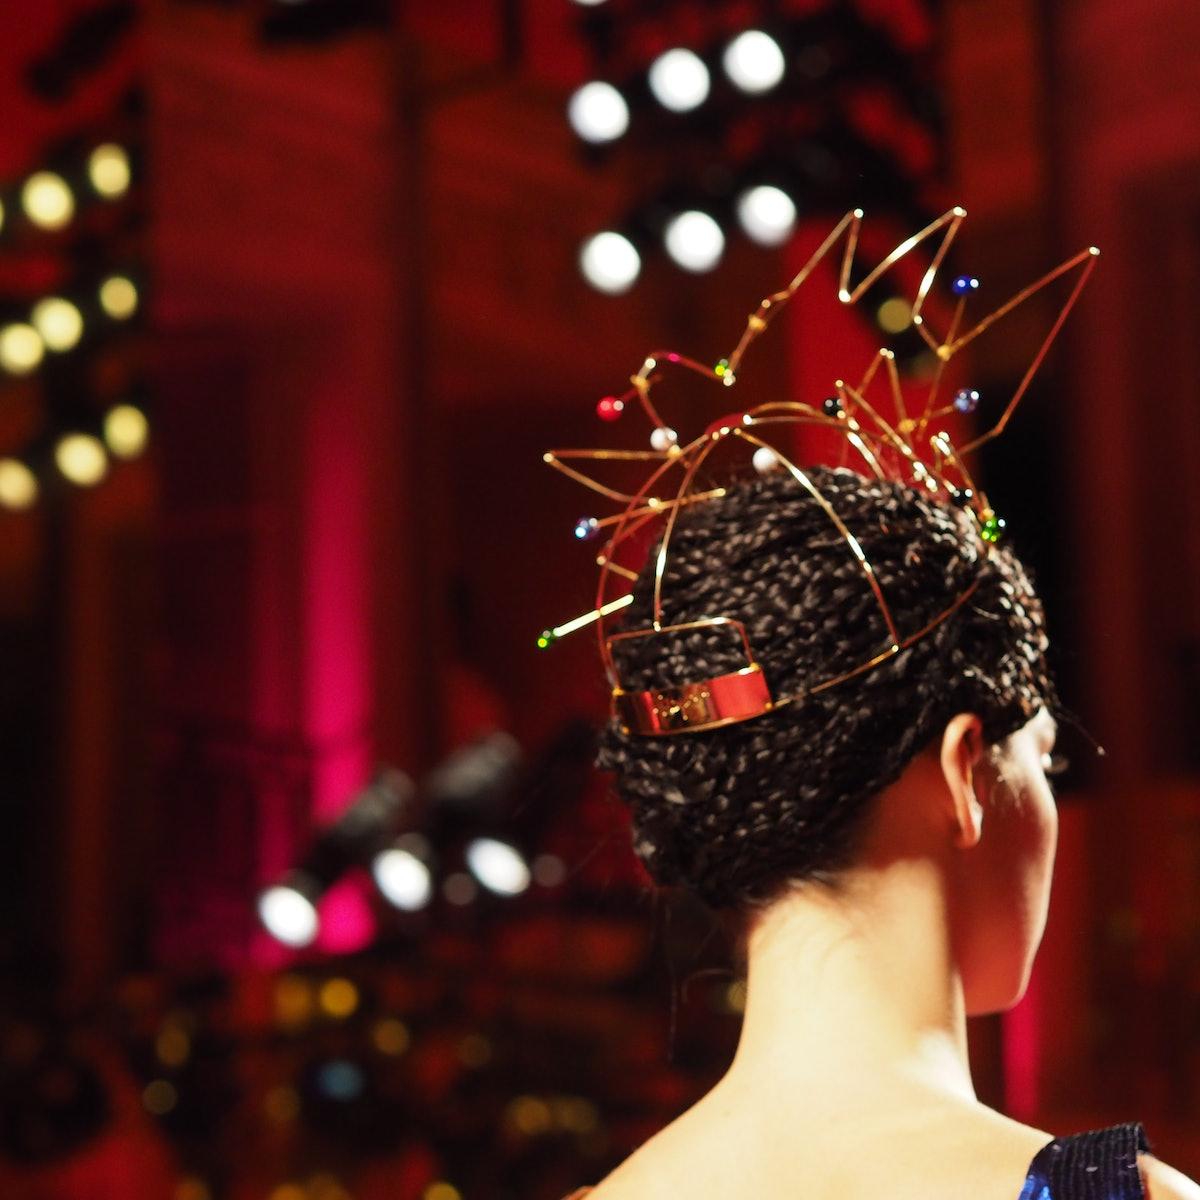 A golden headpiece at Schiaparelli Spring 2015 couture